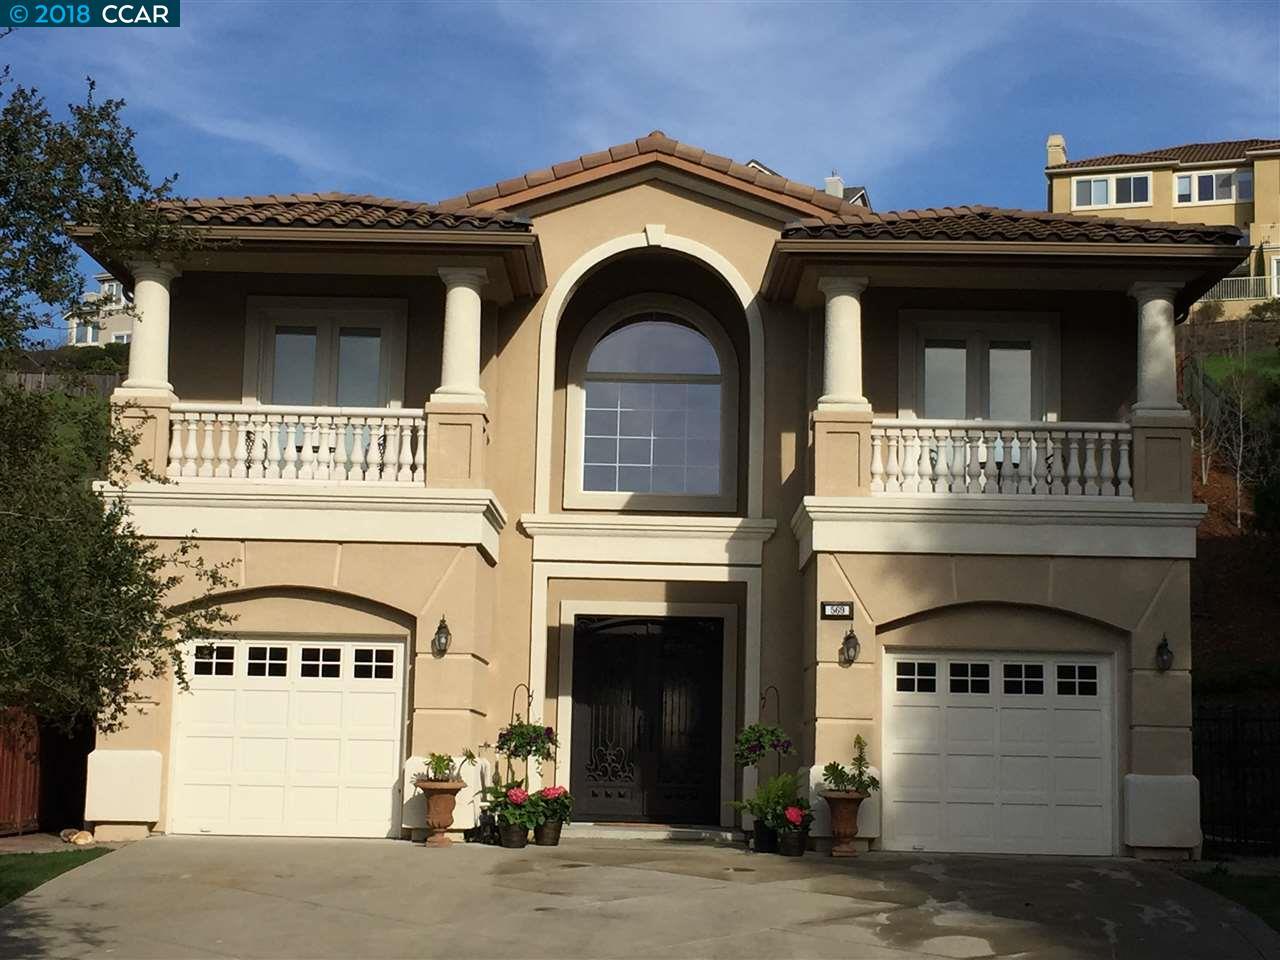 Частный односемейный дом для того Продажа на 569 Kingsbridge Court 569 Kingsbridge Court San Ramon, Калифорния 94583 Соединенные Штаты